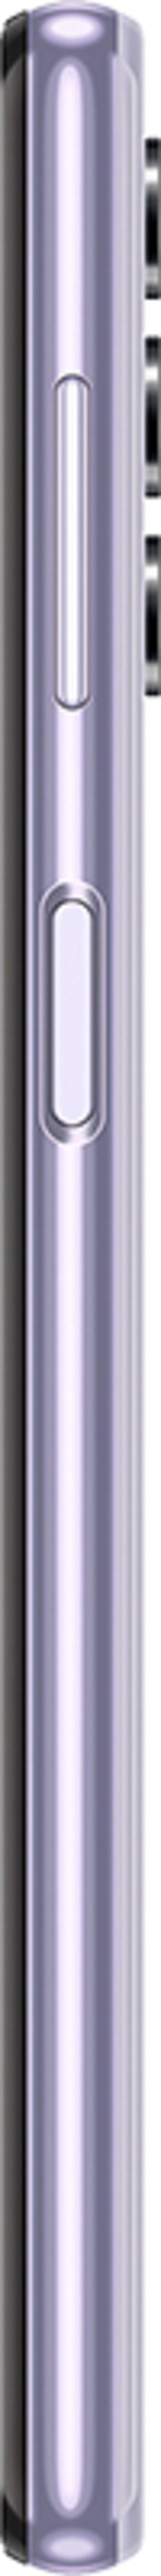 samsung_a32_violet_side_003.jpg